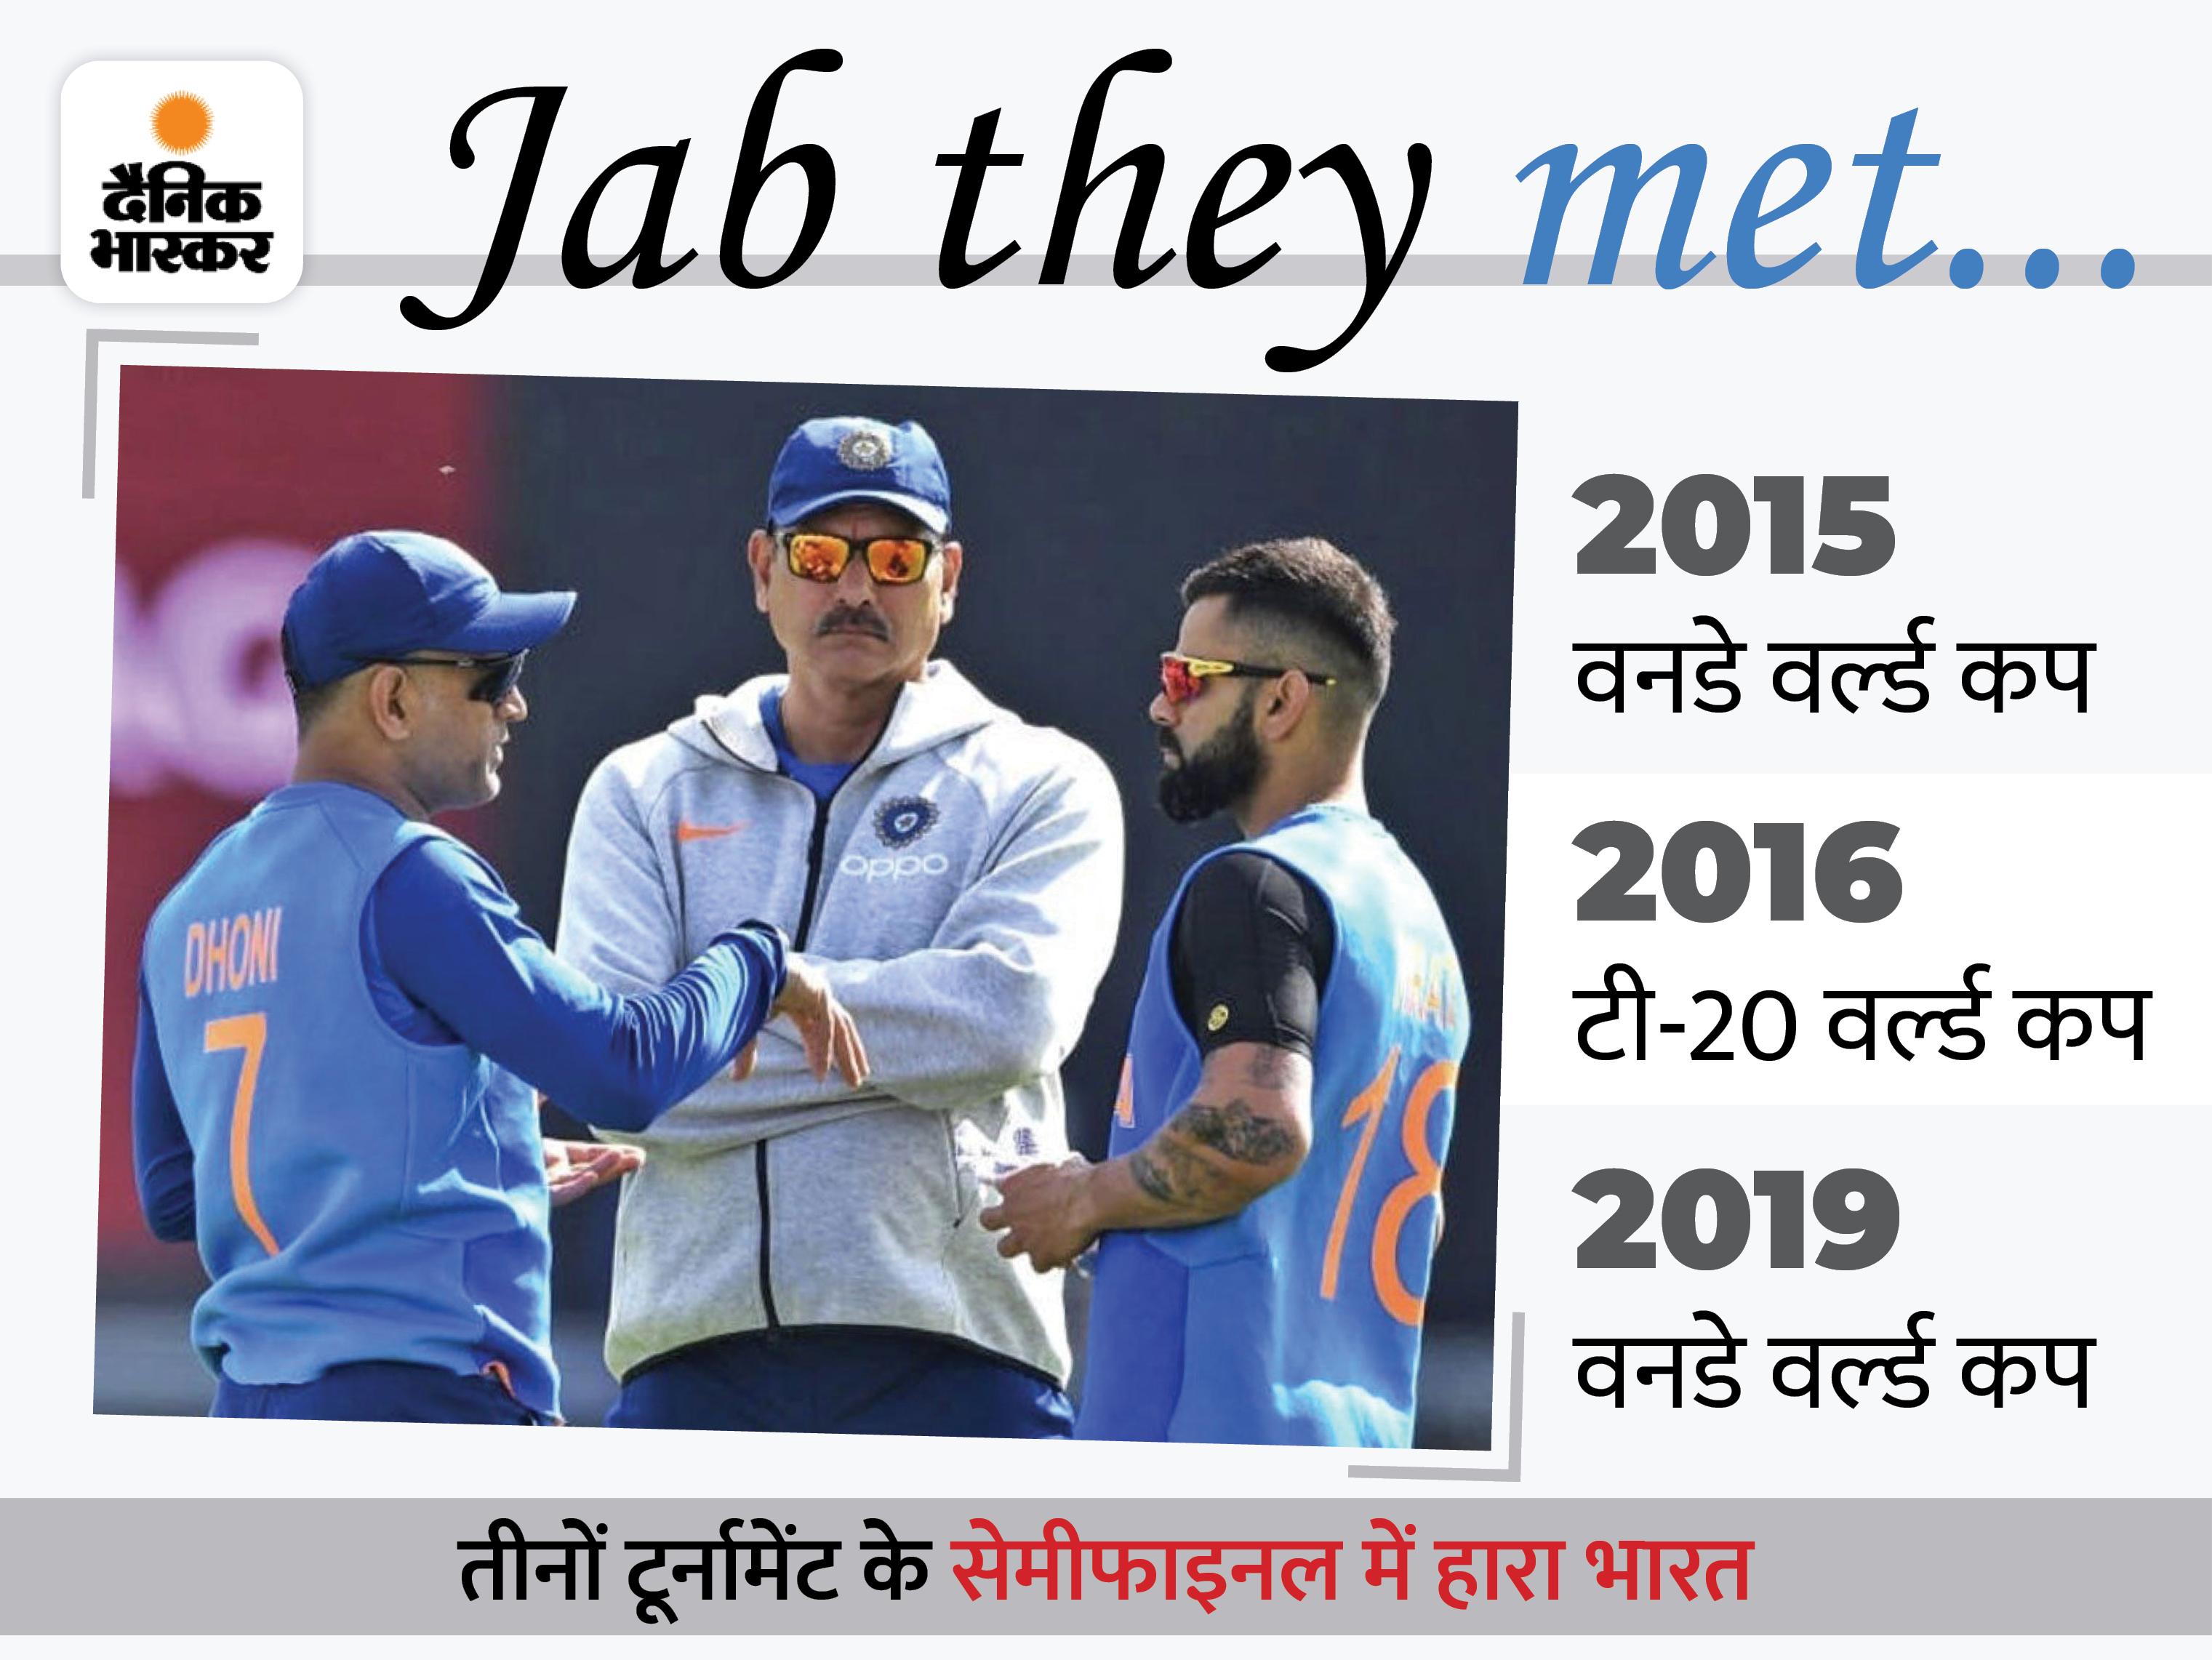 2 वनडे और एक टी-20 वर्ल्ड कप में साथ काम किया, टीम इंडिया तीनों मुकाबलों से बाहर हुई|क्रिकेट,Cricket - Dainik Bhaskar